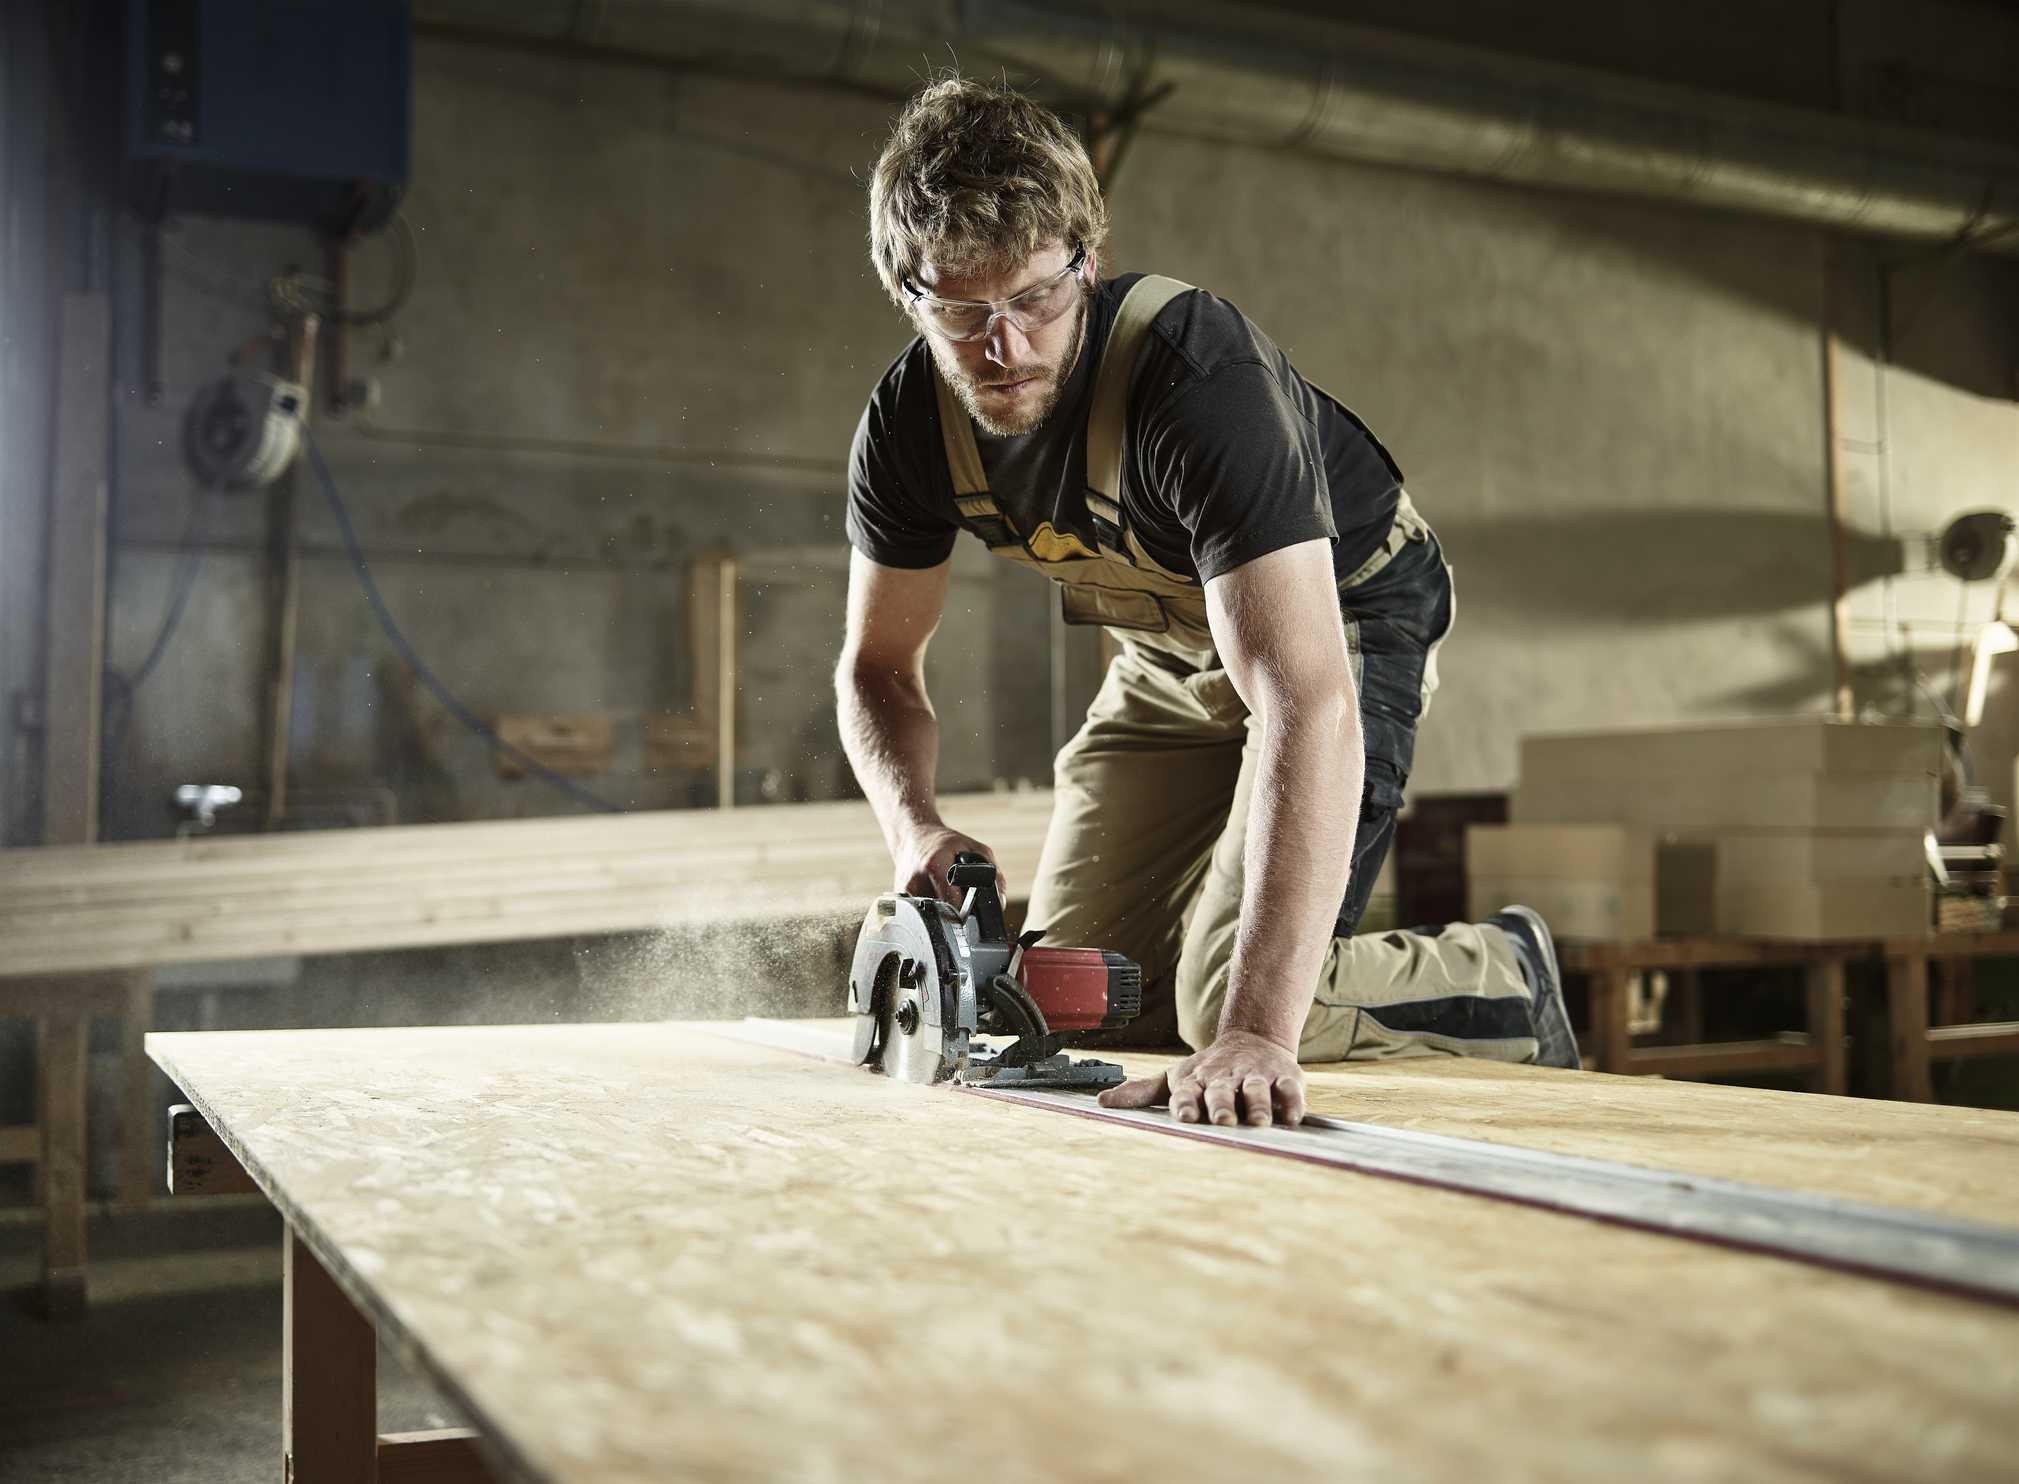 Man cutting a big plank of wood